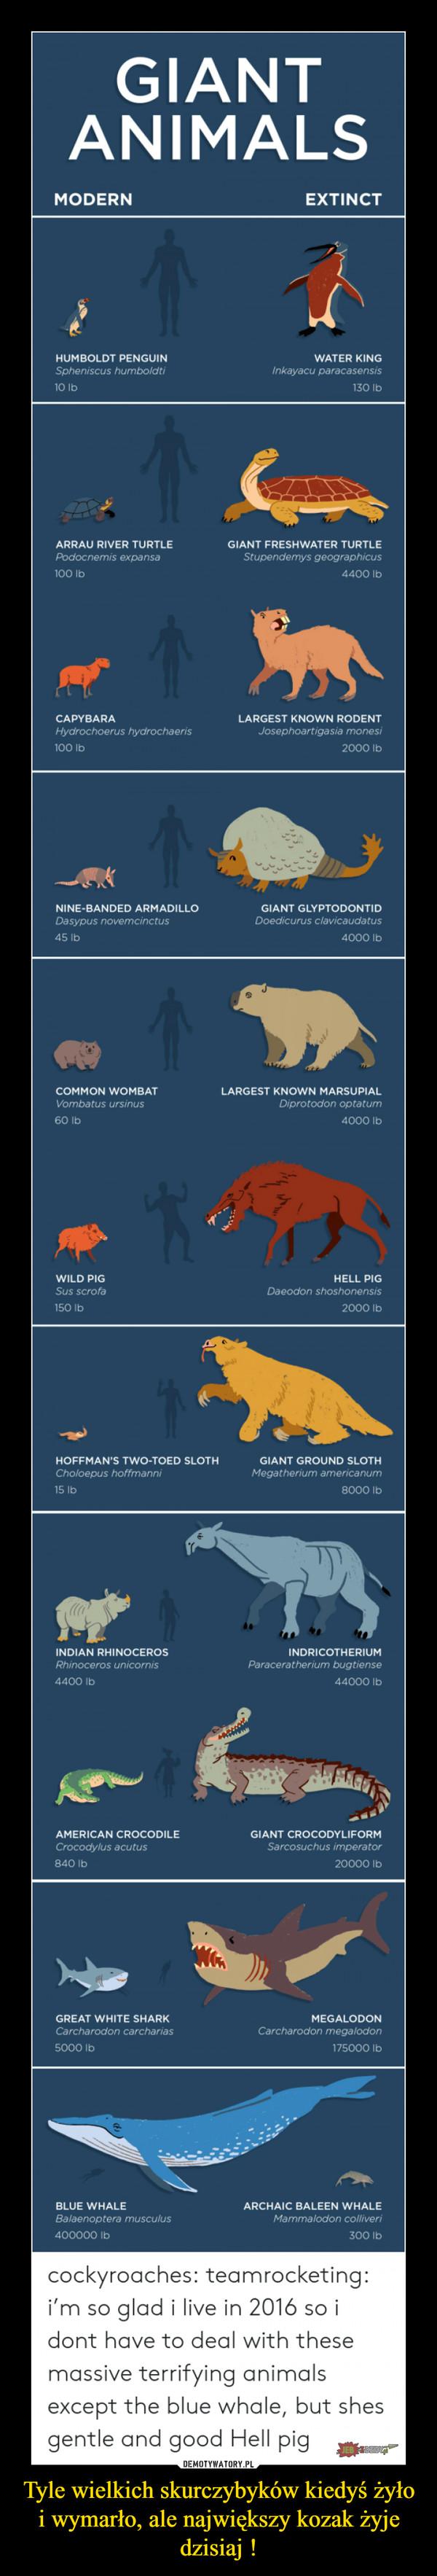 Tyle wielkich skurczybyków kiedyś żyło i wymarło, ale największy kozak żyje dzisiaj ! –